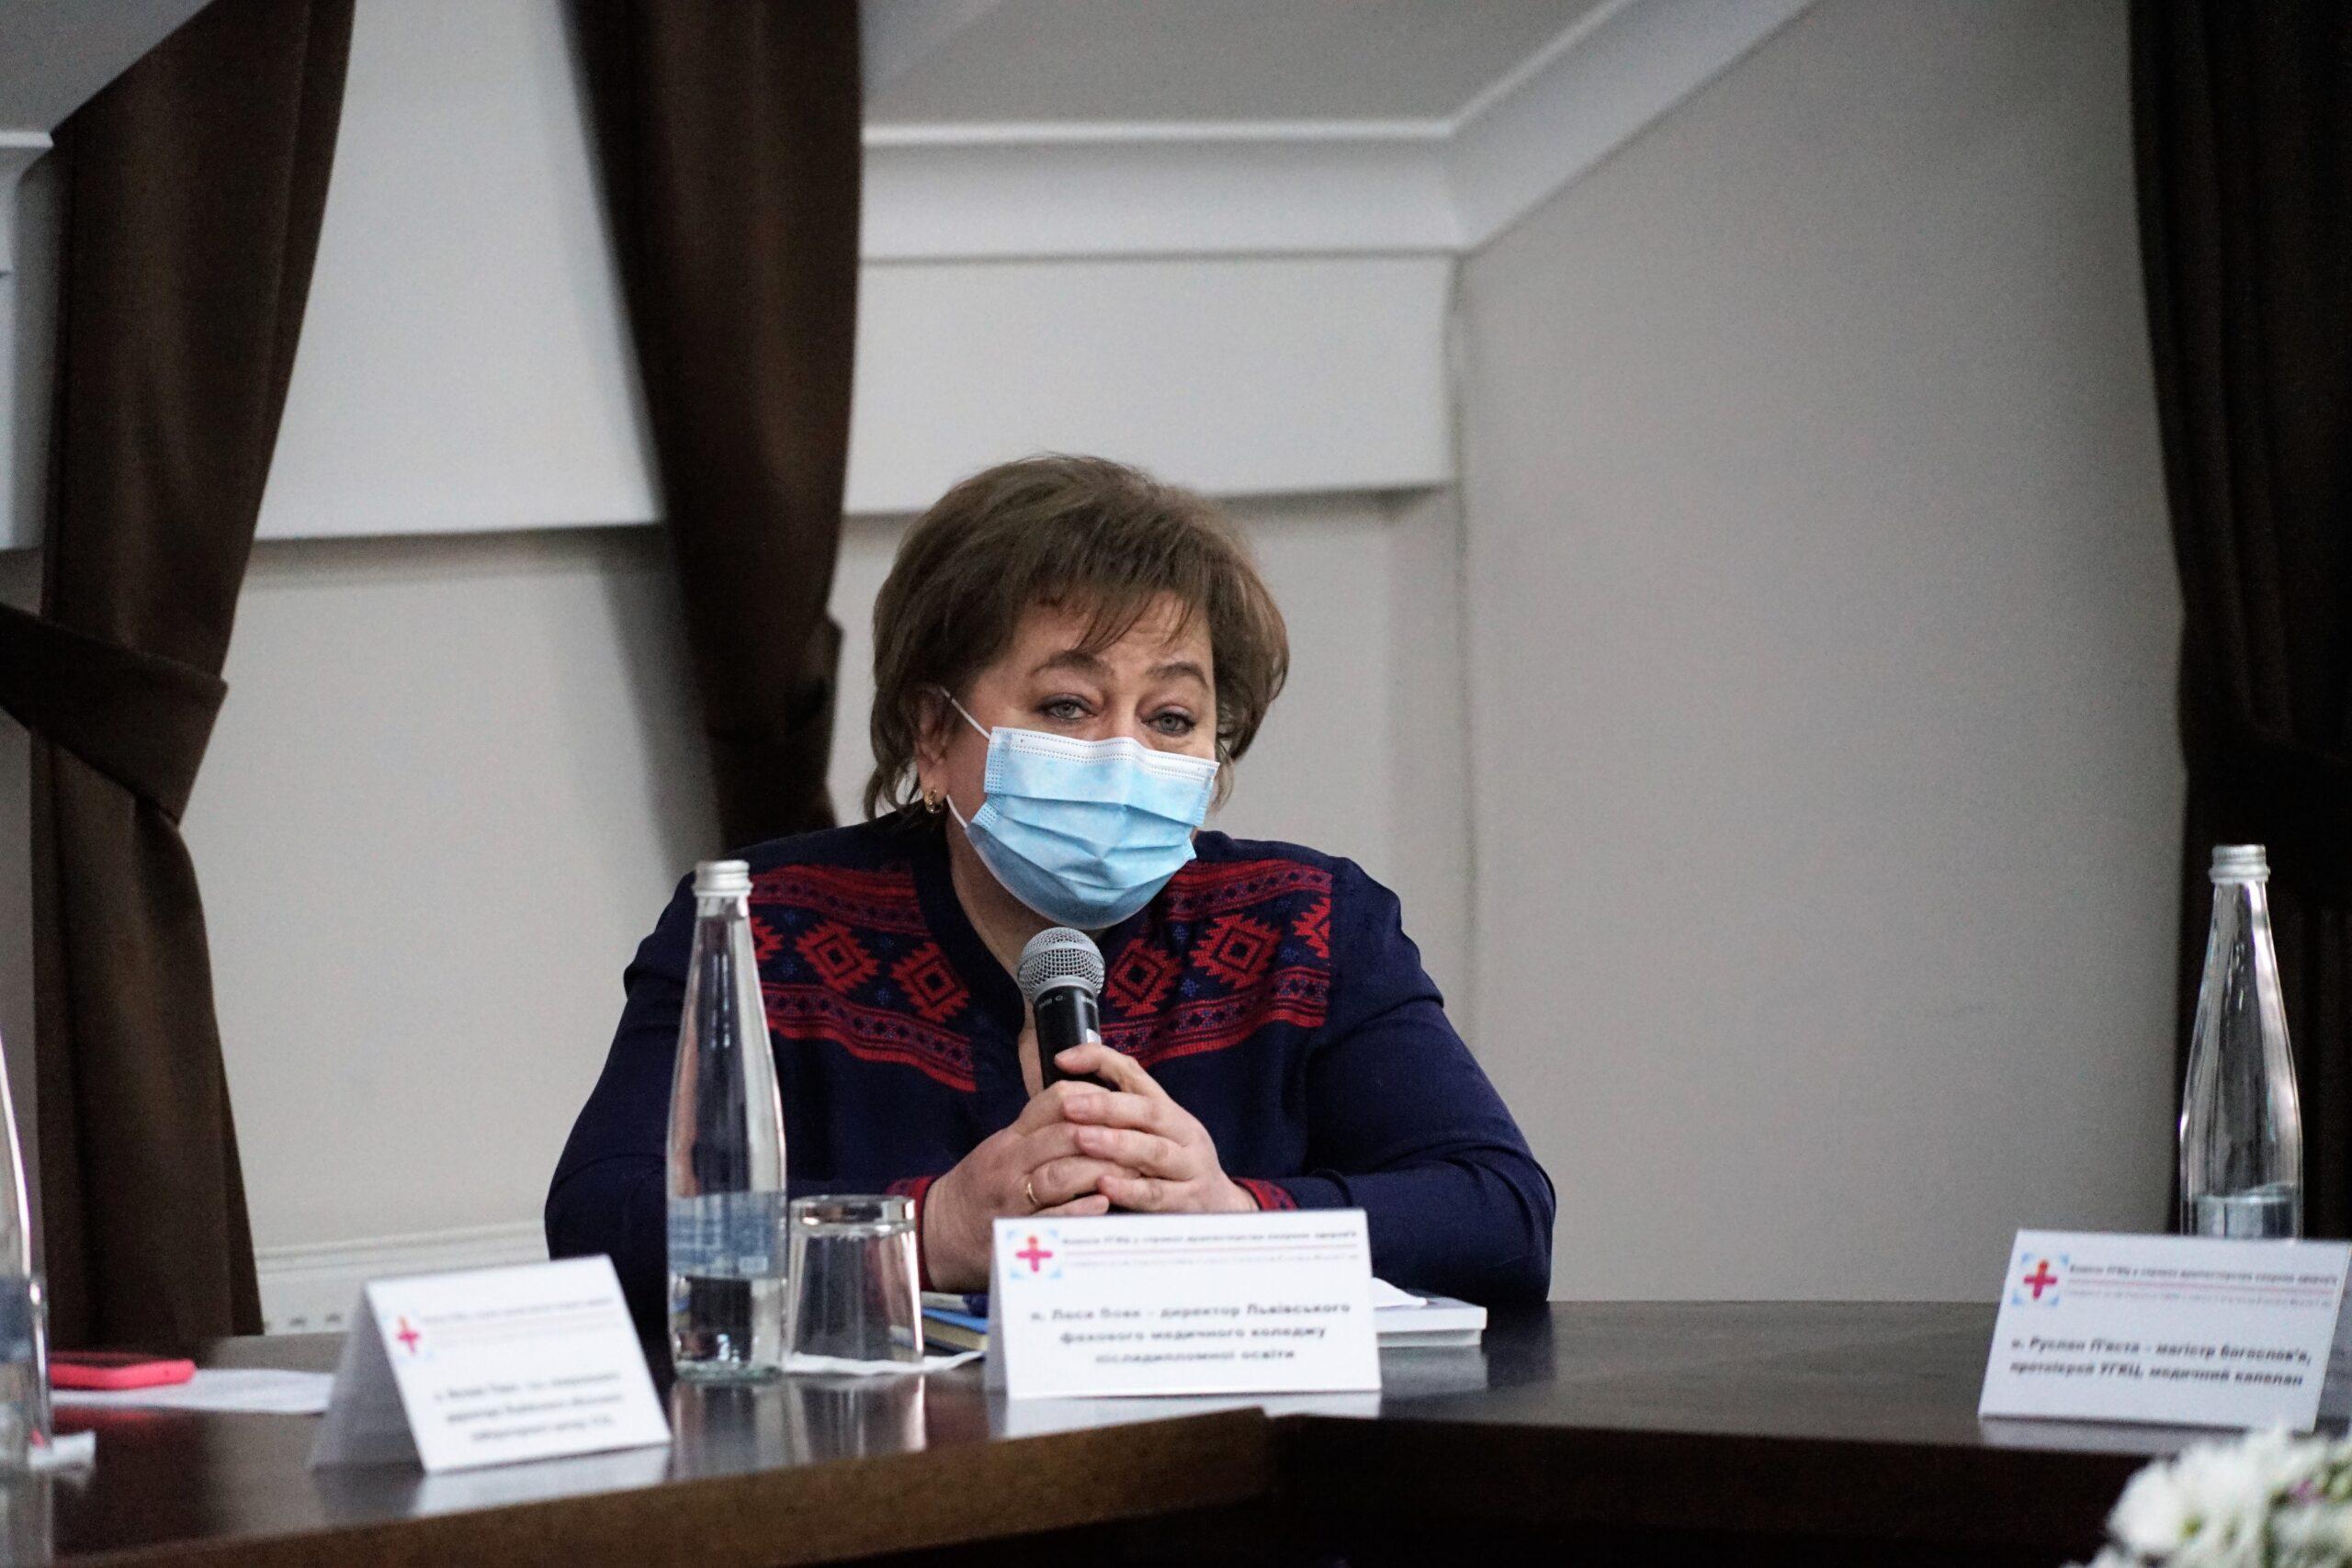 Перспективи розвитку медичного капеланства в Україні обговорили під час круглого столу у Львові_13